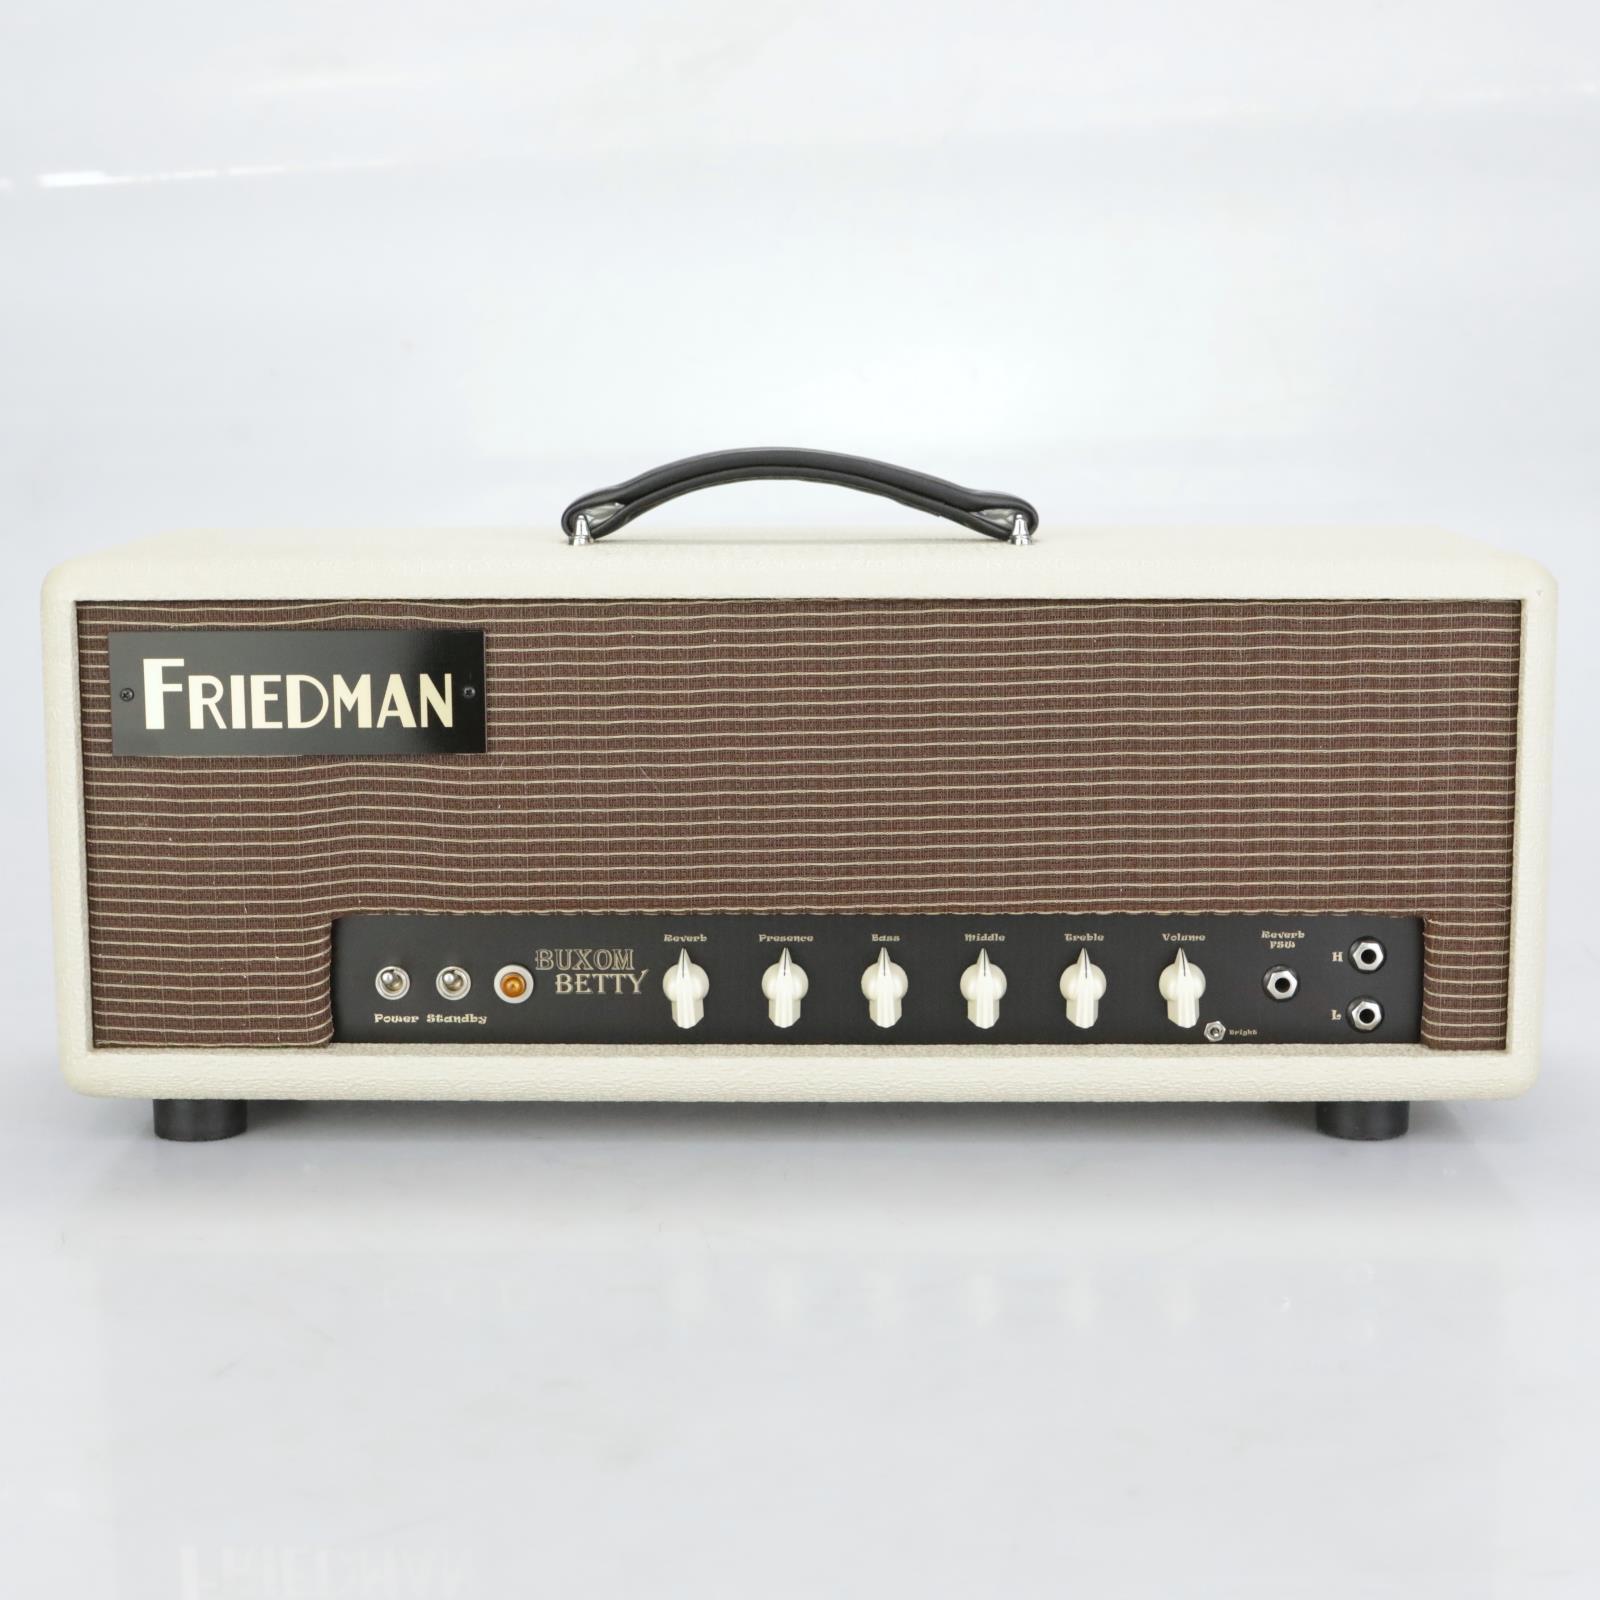 Friedman Buxom Betty Guitar Amp Amplifier Head 50 Watt  #37505